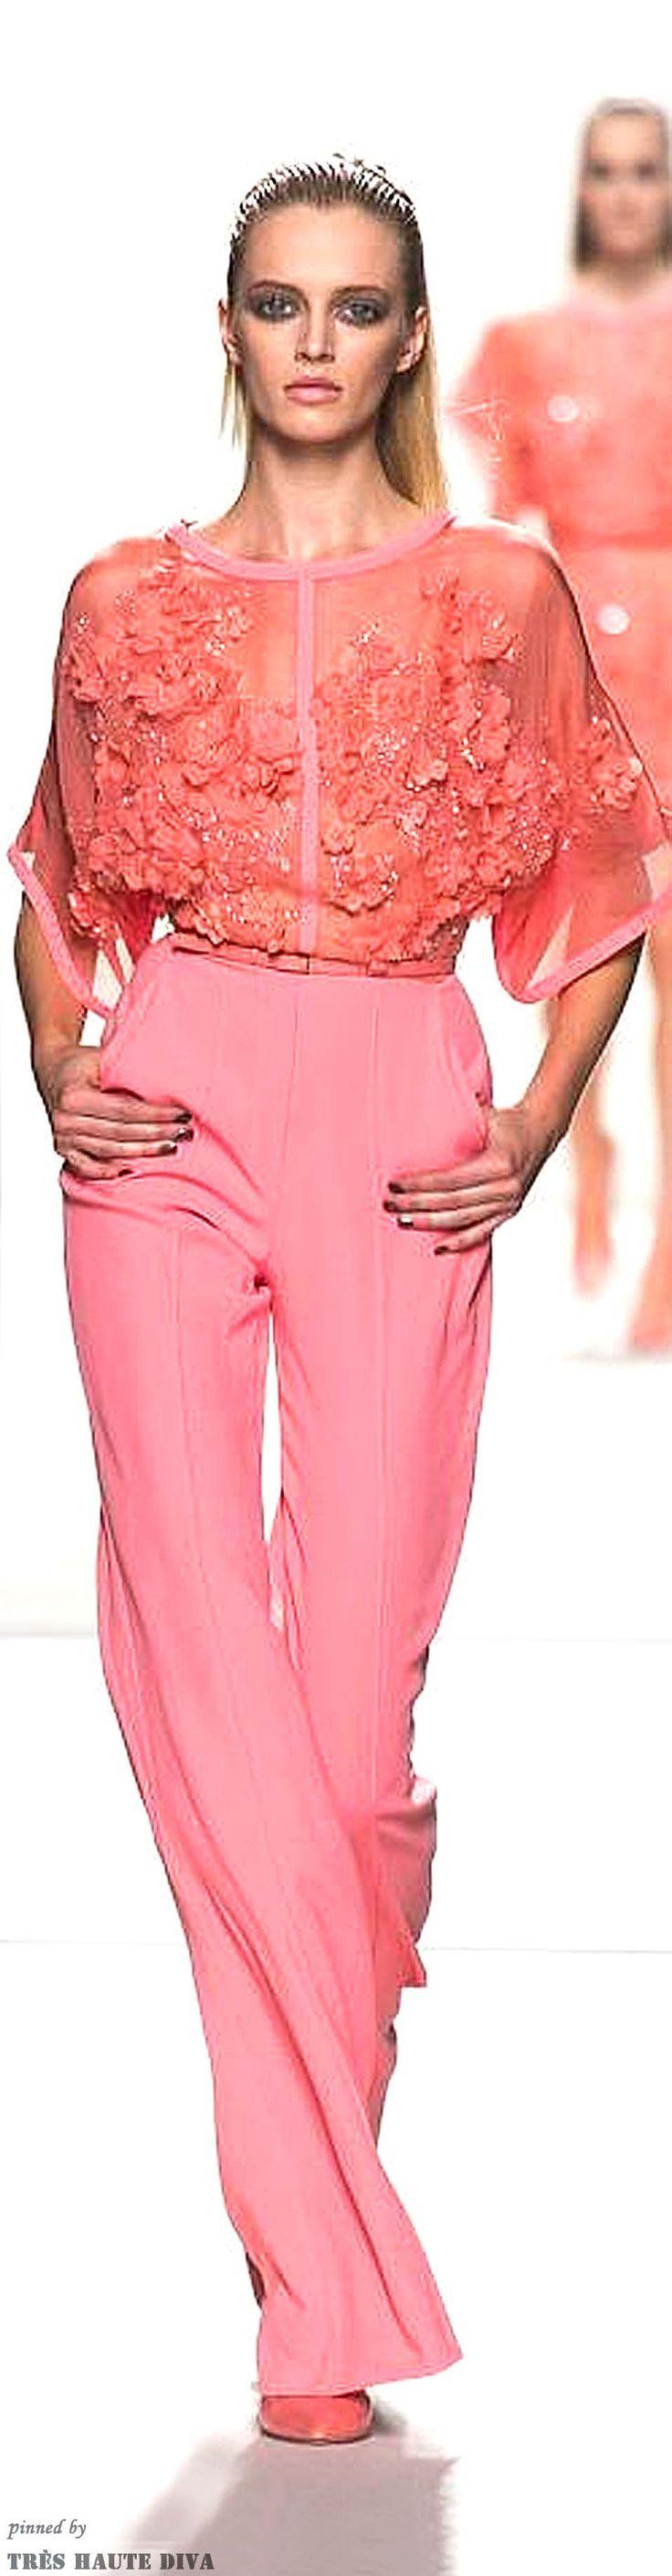 Mejores 8 imágenes de vestido matri faby en Pinterest | Vestidos de ...